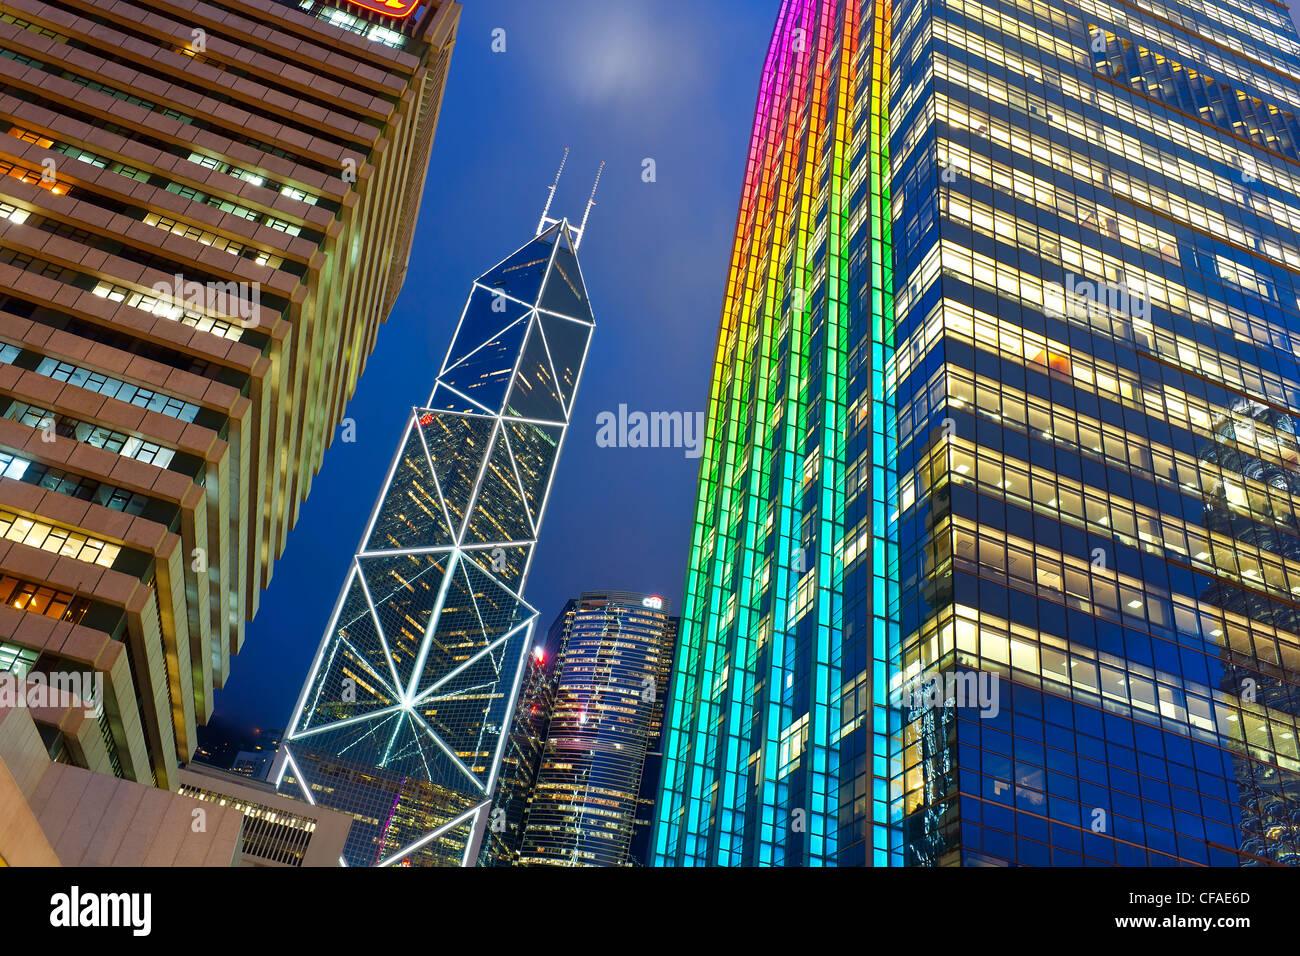 Hong Kong skyline at dusk, Central business and financial district, Bank of China building, Hong Kong Island, China - Stock Image